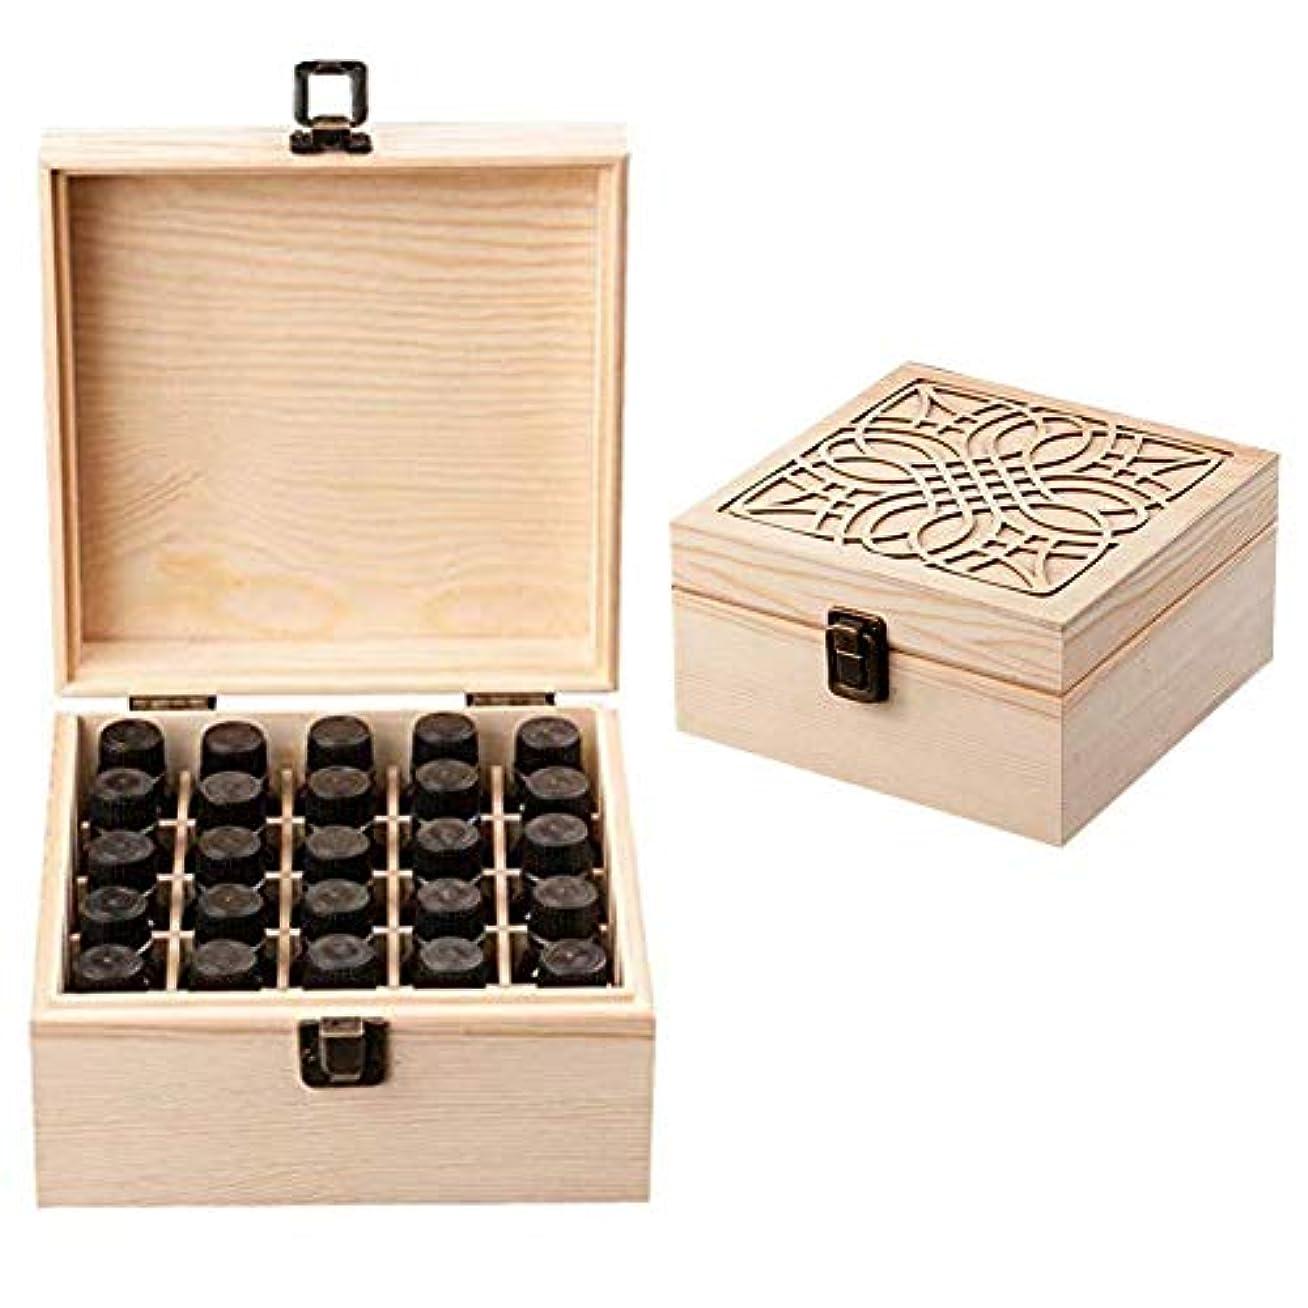 祈り確認する環境に優しいエッセンシャルオイル収納ボックス 大容量 和風 レトロ 木製 精油収納 携帯便利 オイルボックス 飾り物 25本用